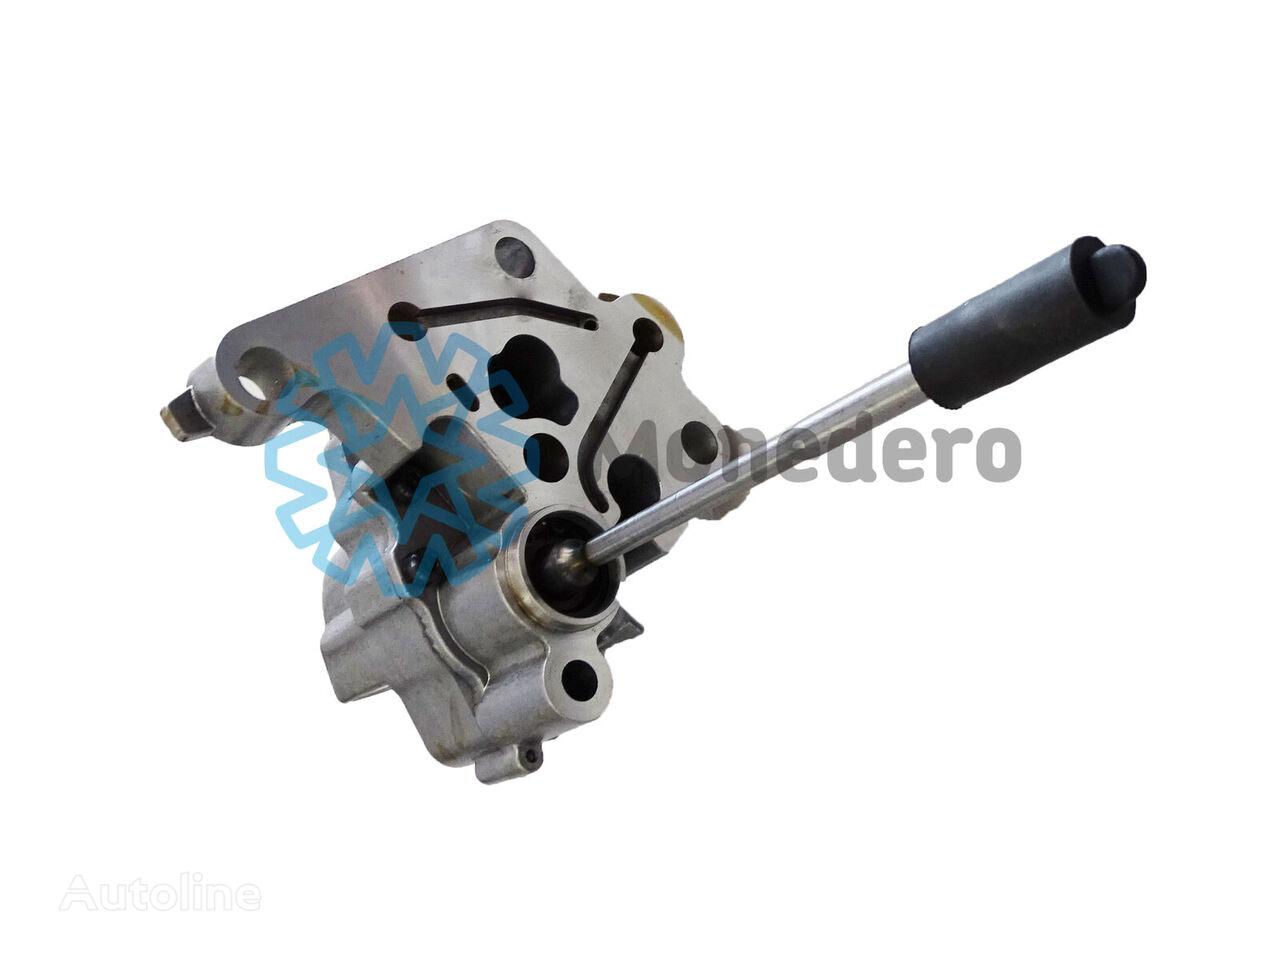 IVECO F3AE/F3BE (30014000001) bomba de aceite para IVECO F3AE/F3BE camión nueva